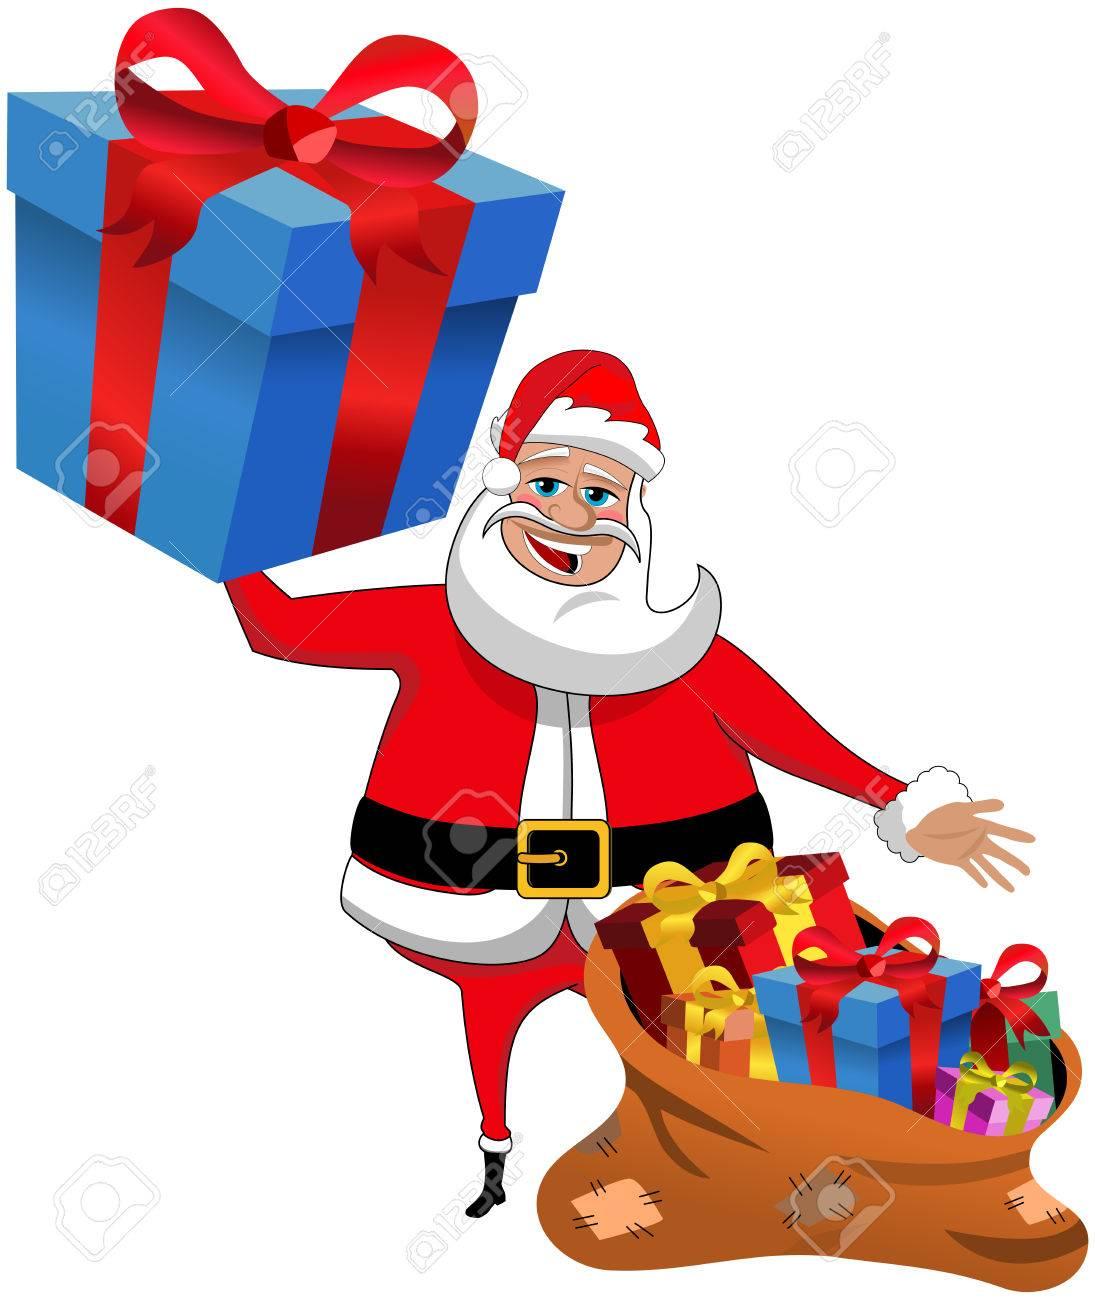 Santa Claus Dibujos Animados La Celebración De Regalo Grande